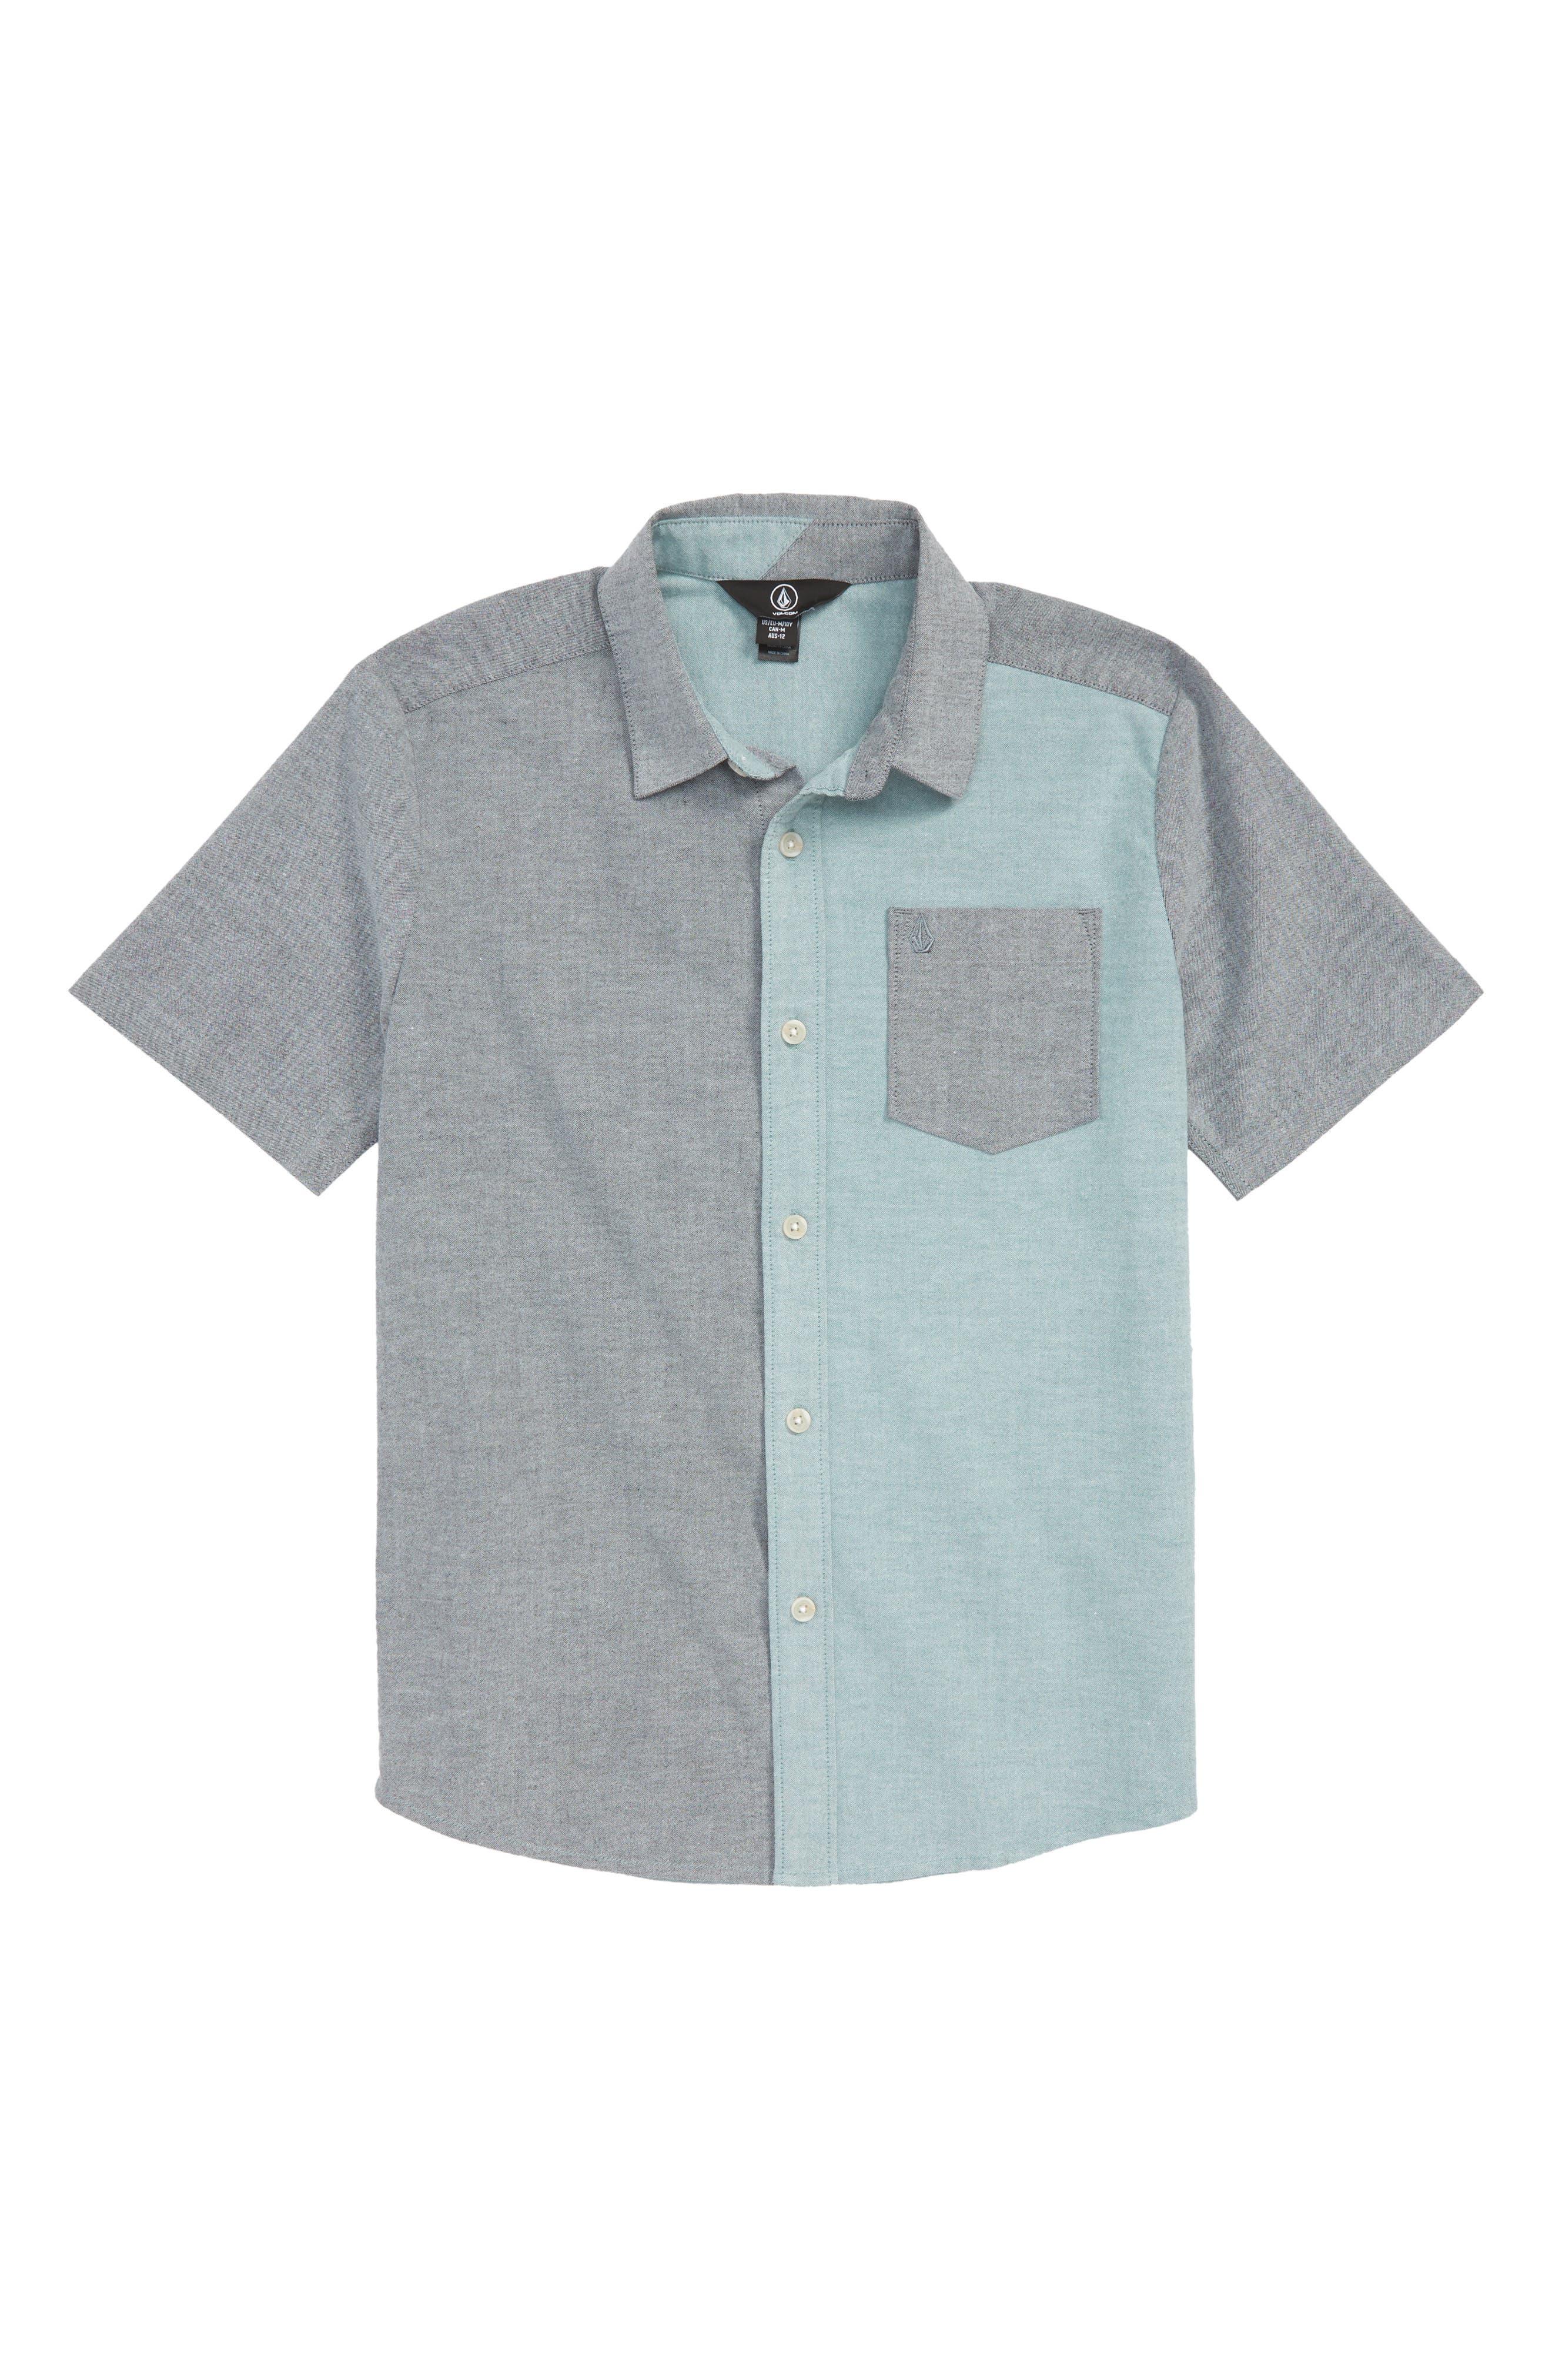 Everett Woven Shirt,                         Main,                         color, 400